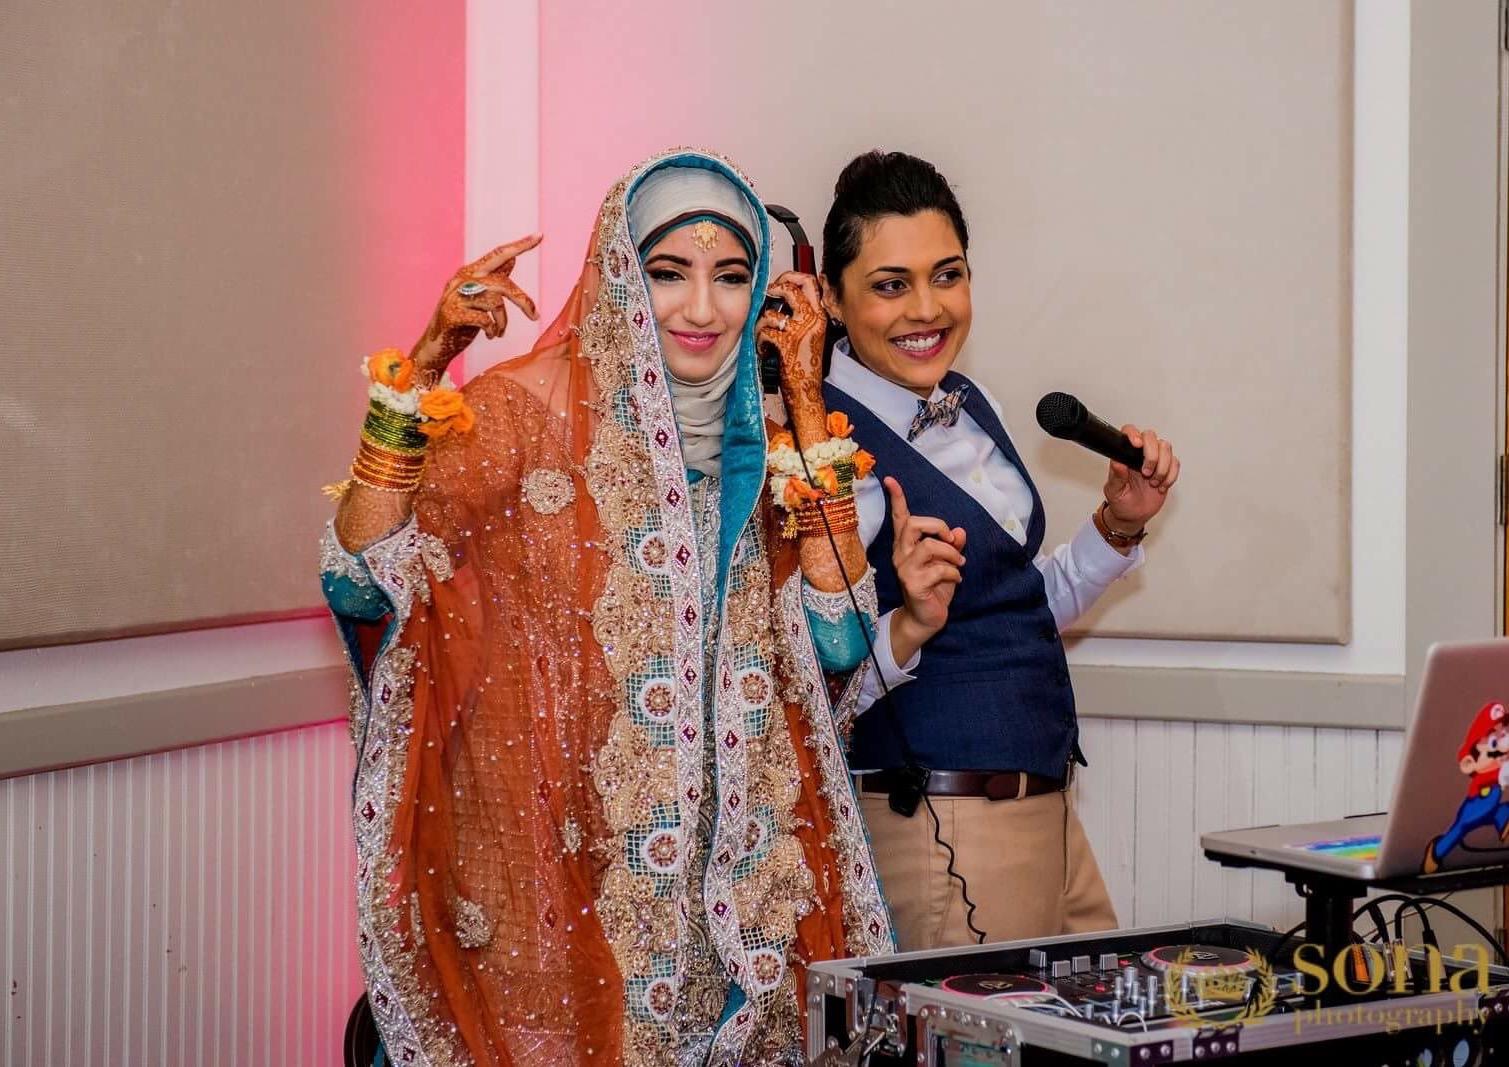 dj sumi and Dj Amirah ; )